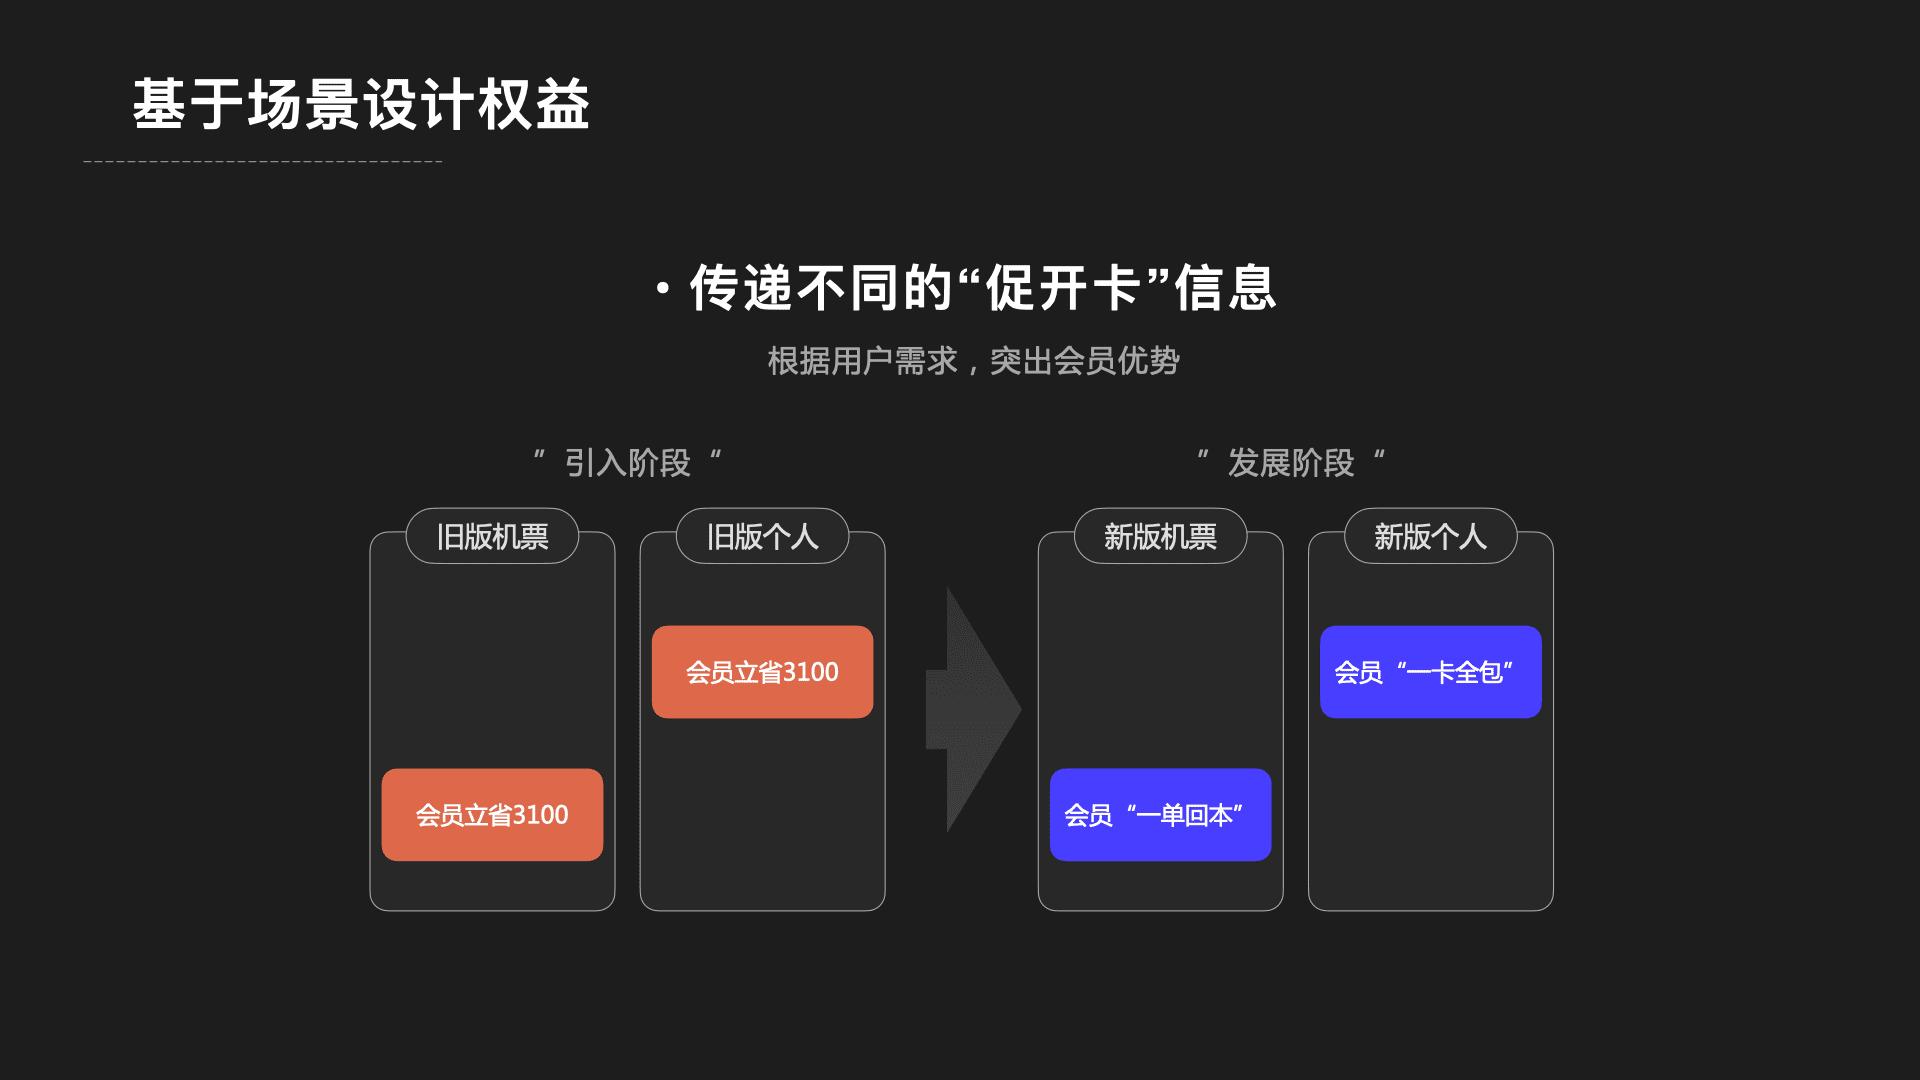 项目复盘:付费会员增长设计